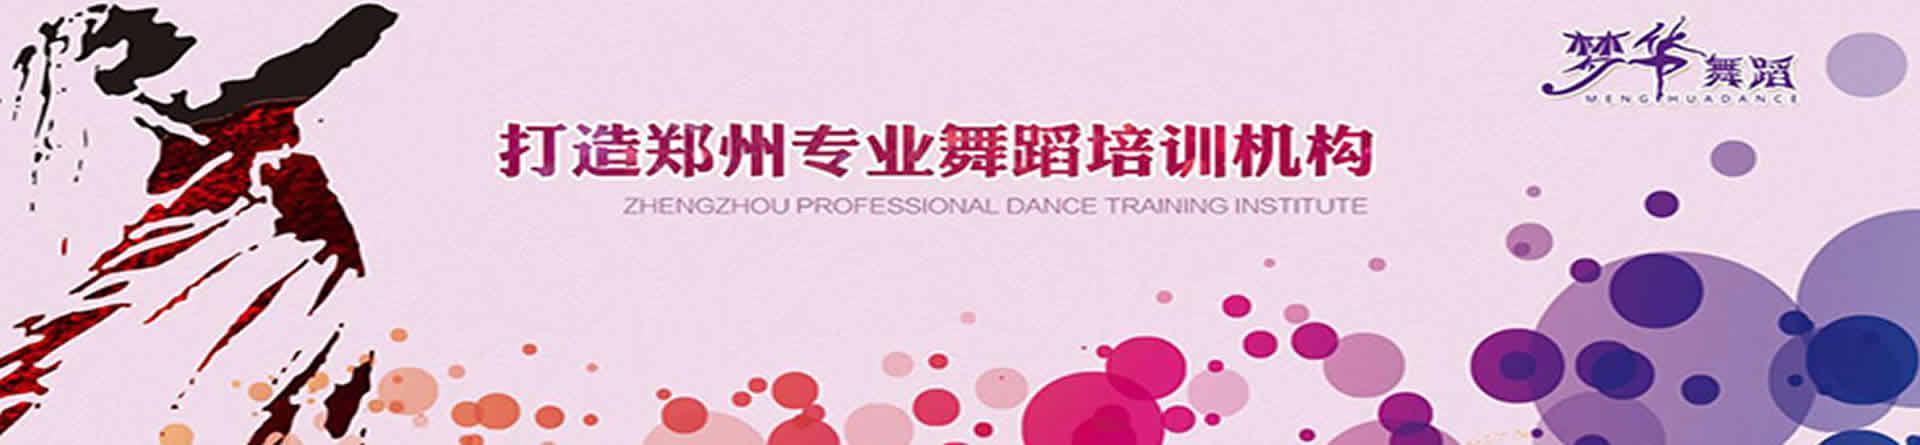 郑州梦华舞蹈艺术培训学校